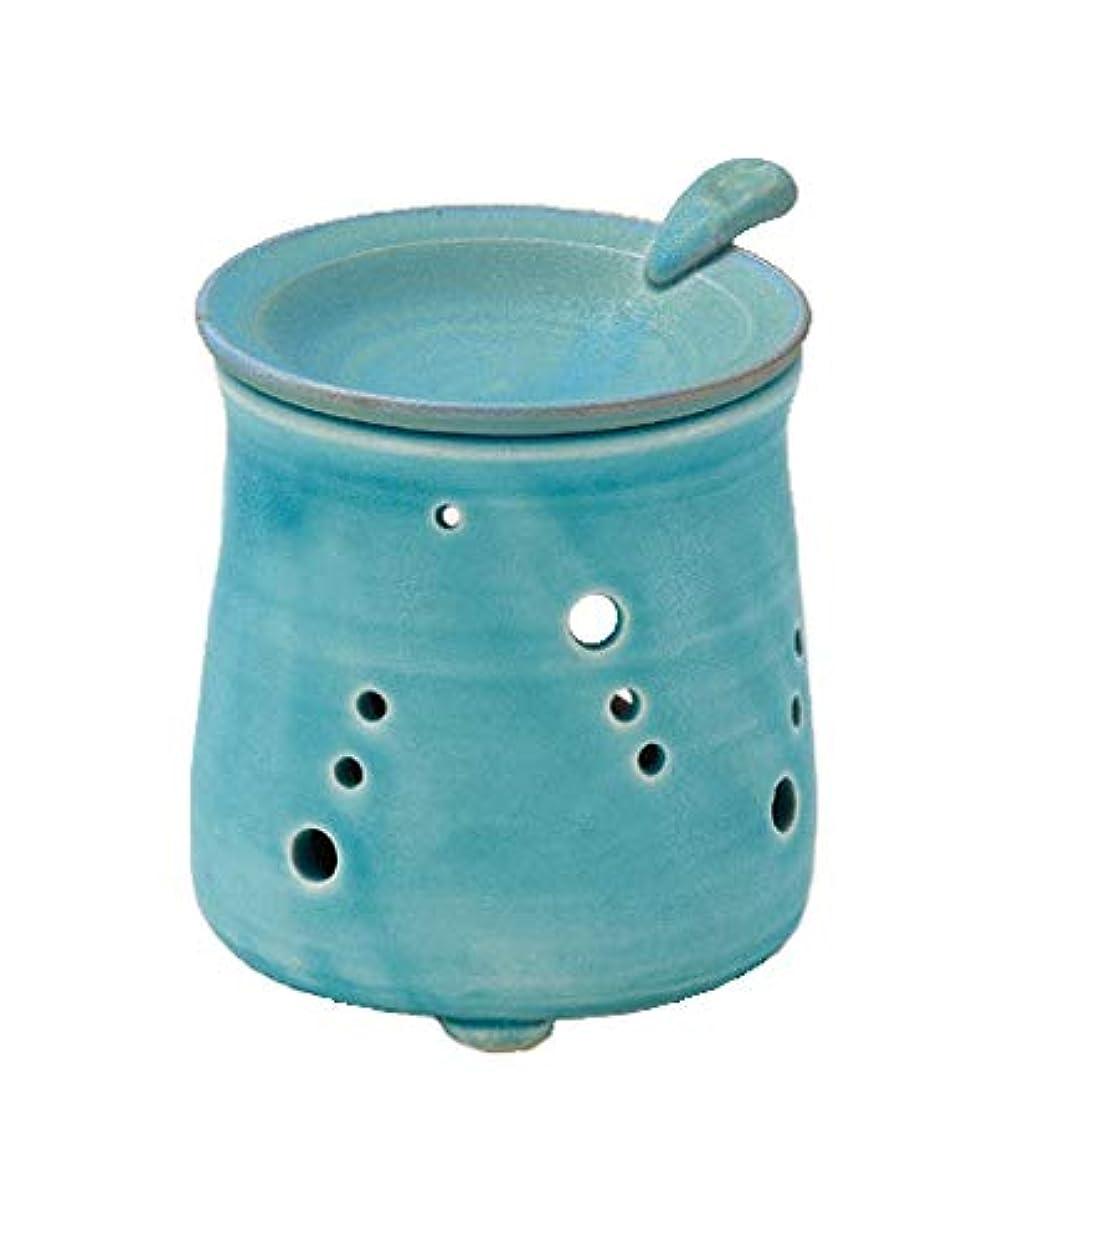 性差別フローティングバレーボールヤマキイカイ(Yamakiikai) 置物 ブルー 径9.5cm 山田トルコブルー 茶香炉 L1616